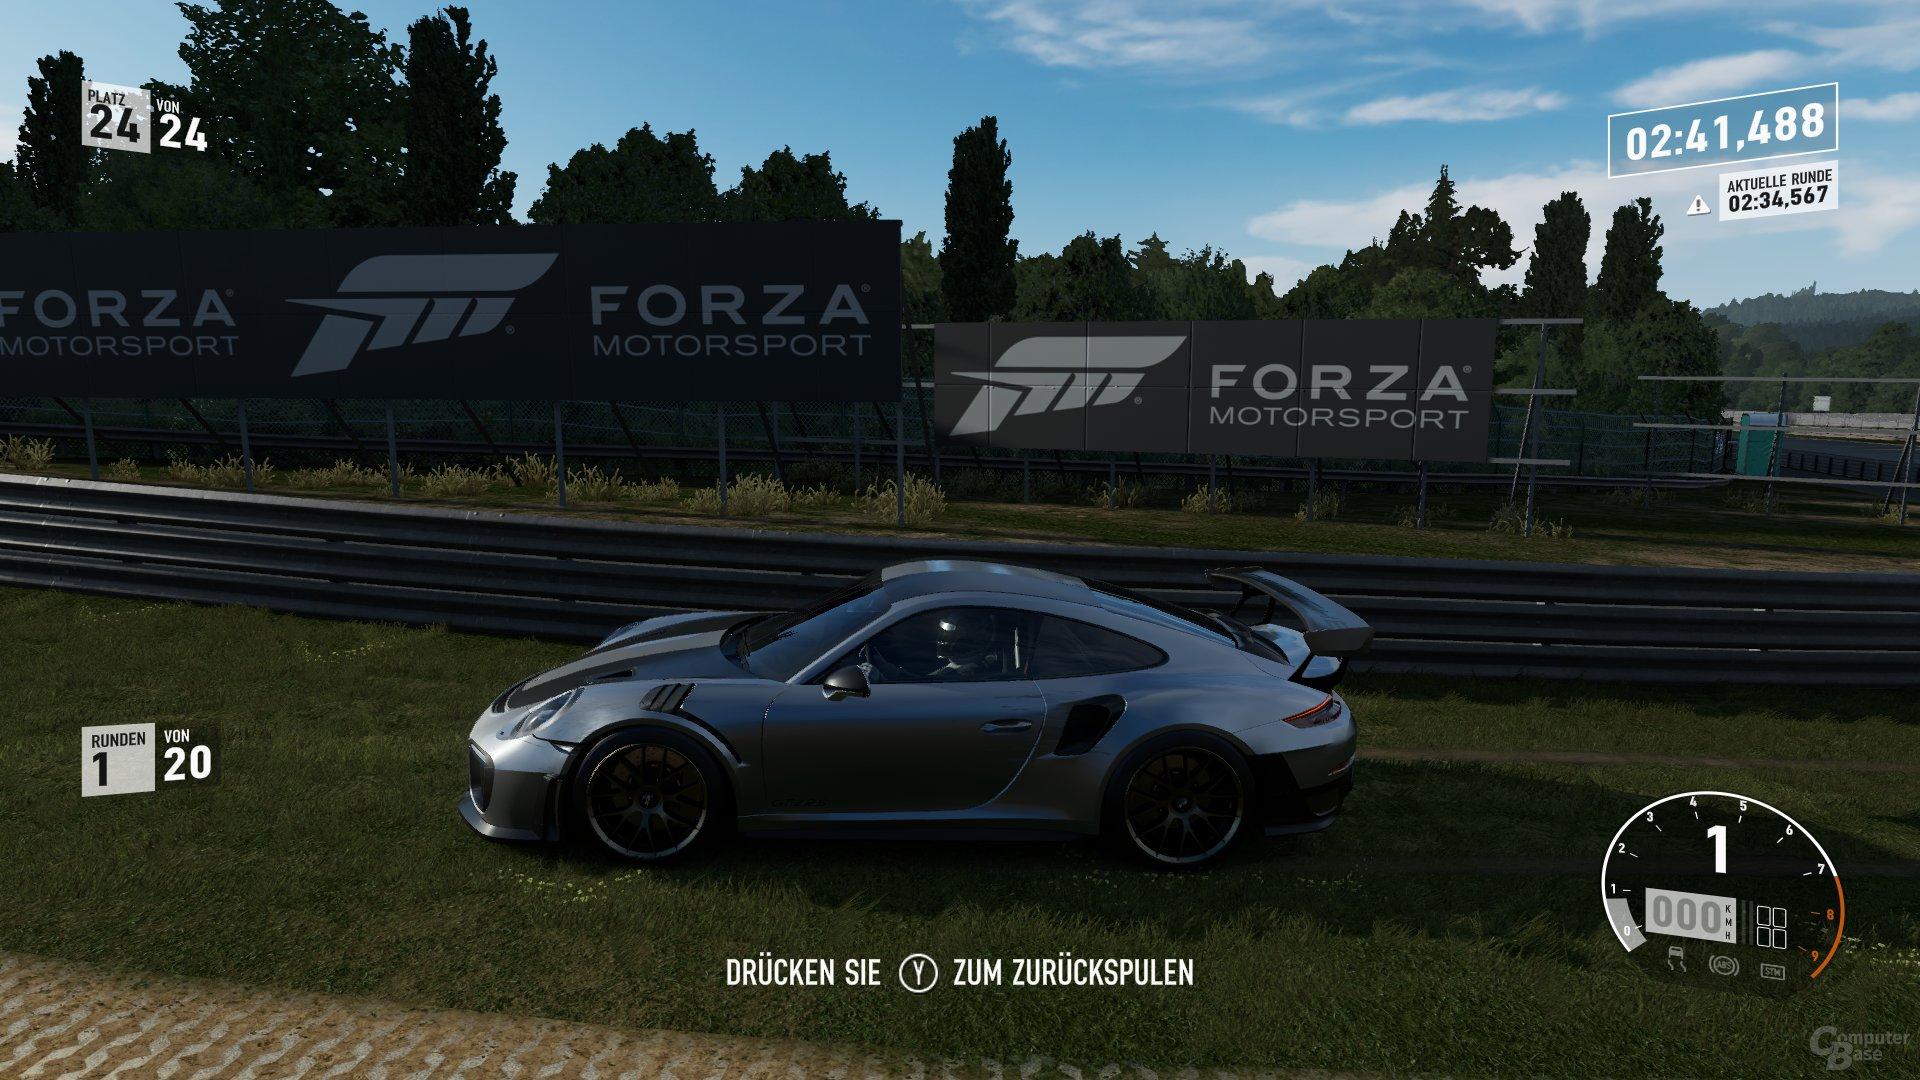 Forza Motorsport 7 auf Xbox One X ohne Update